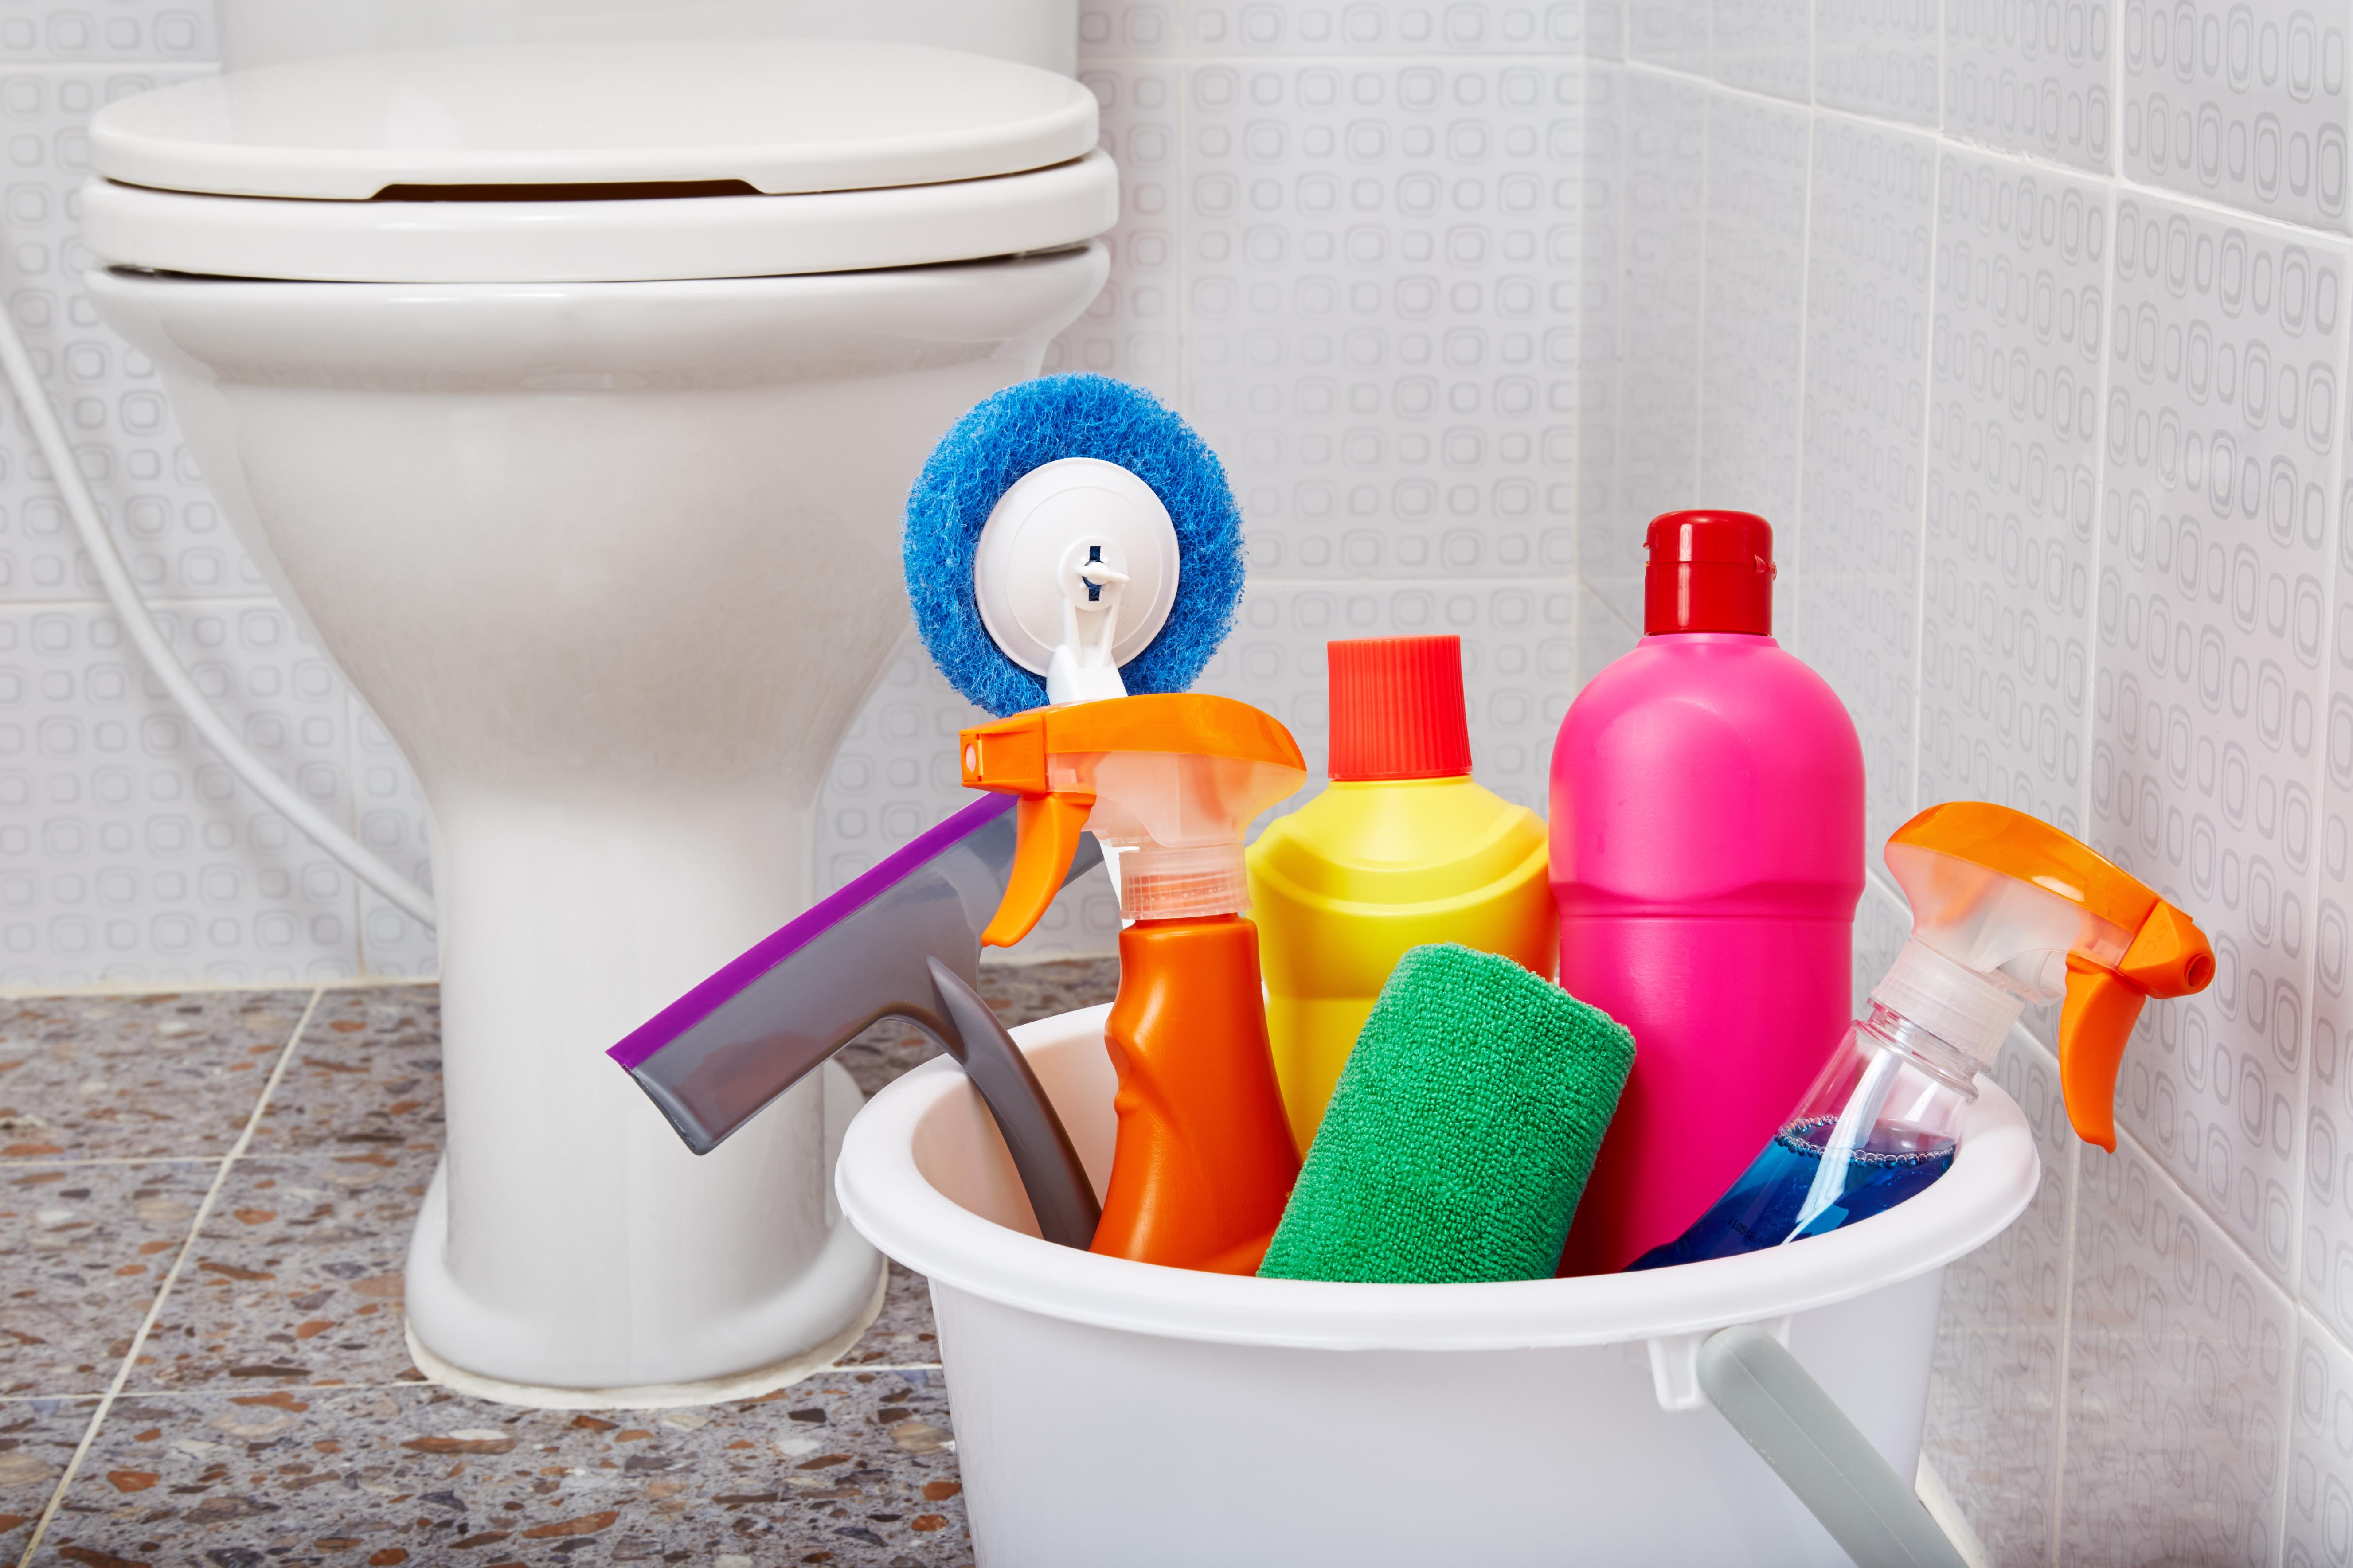 掃除道具のイメージ